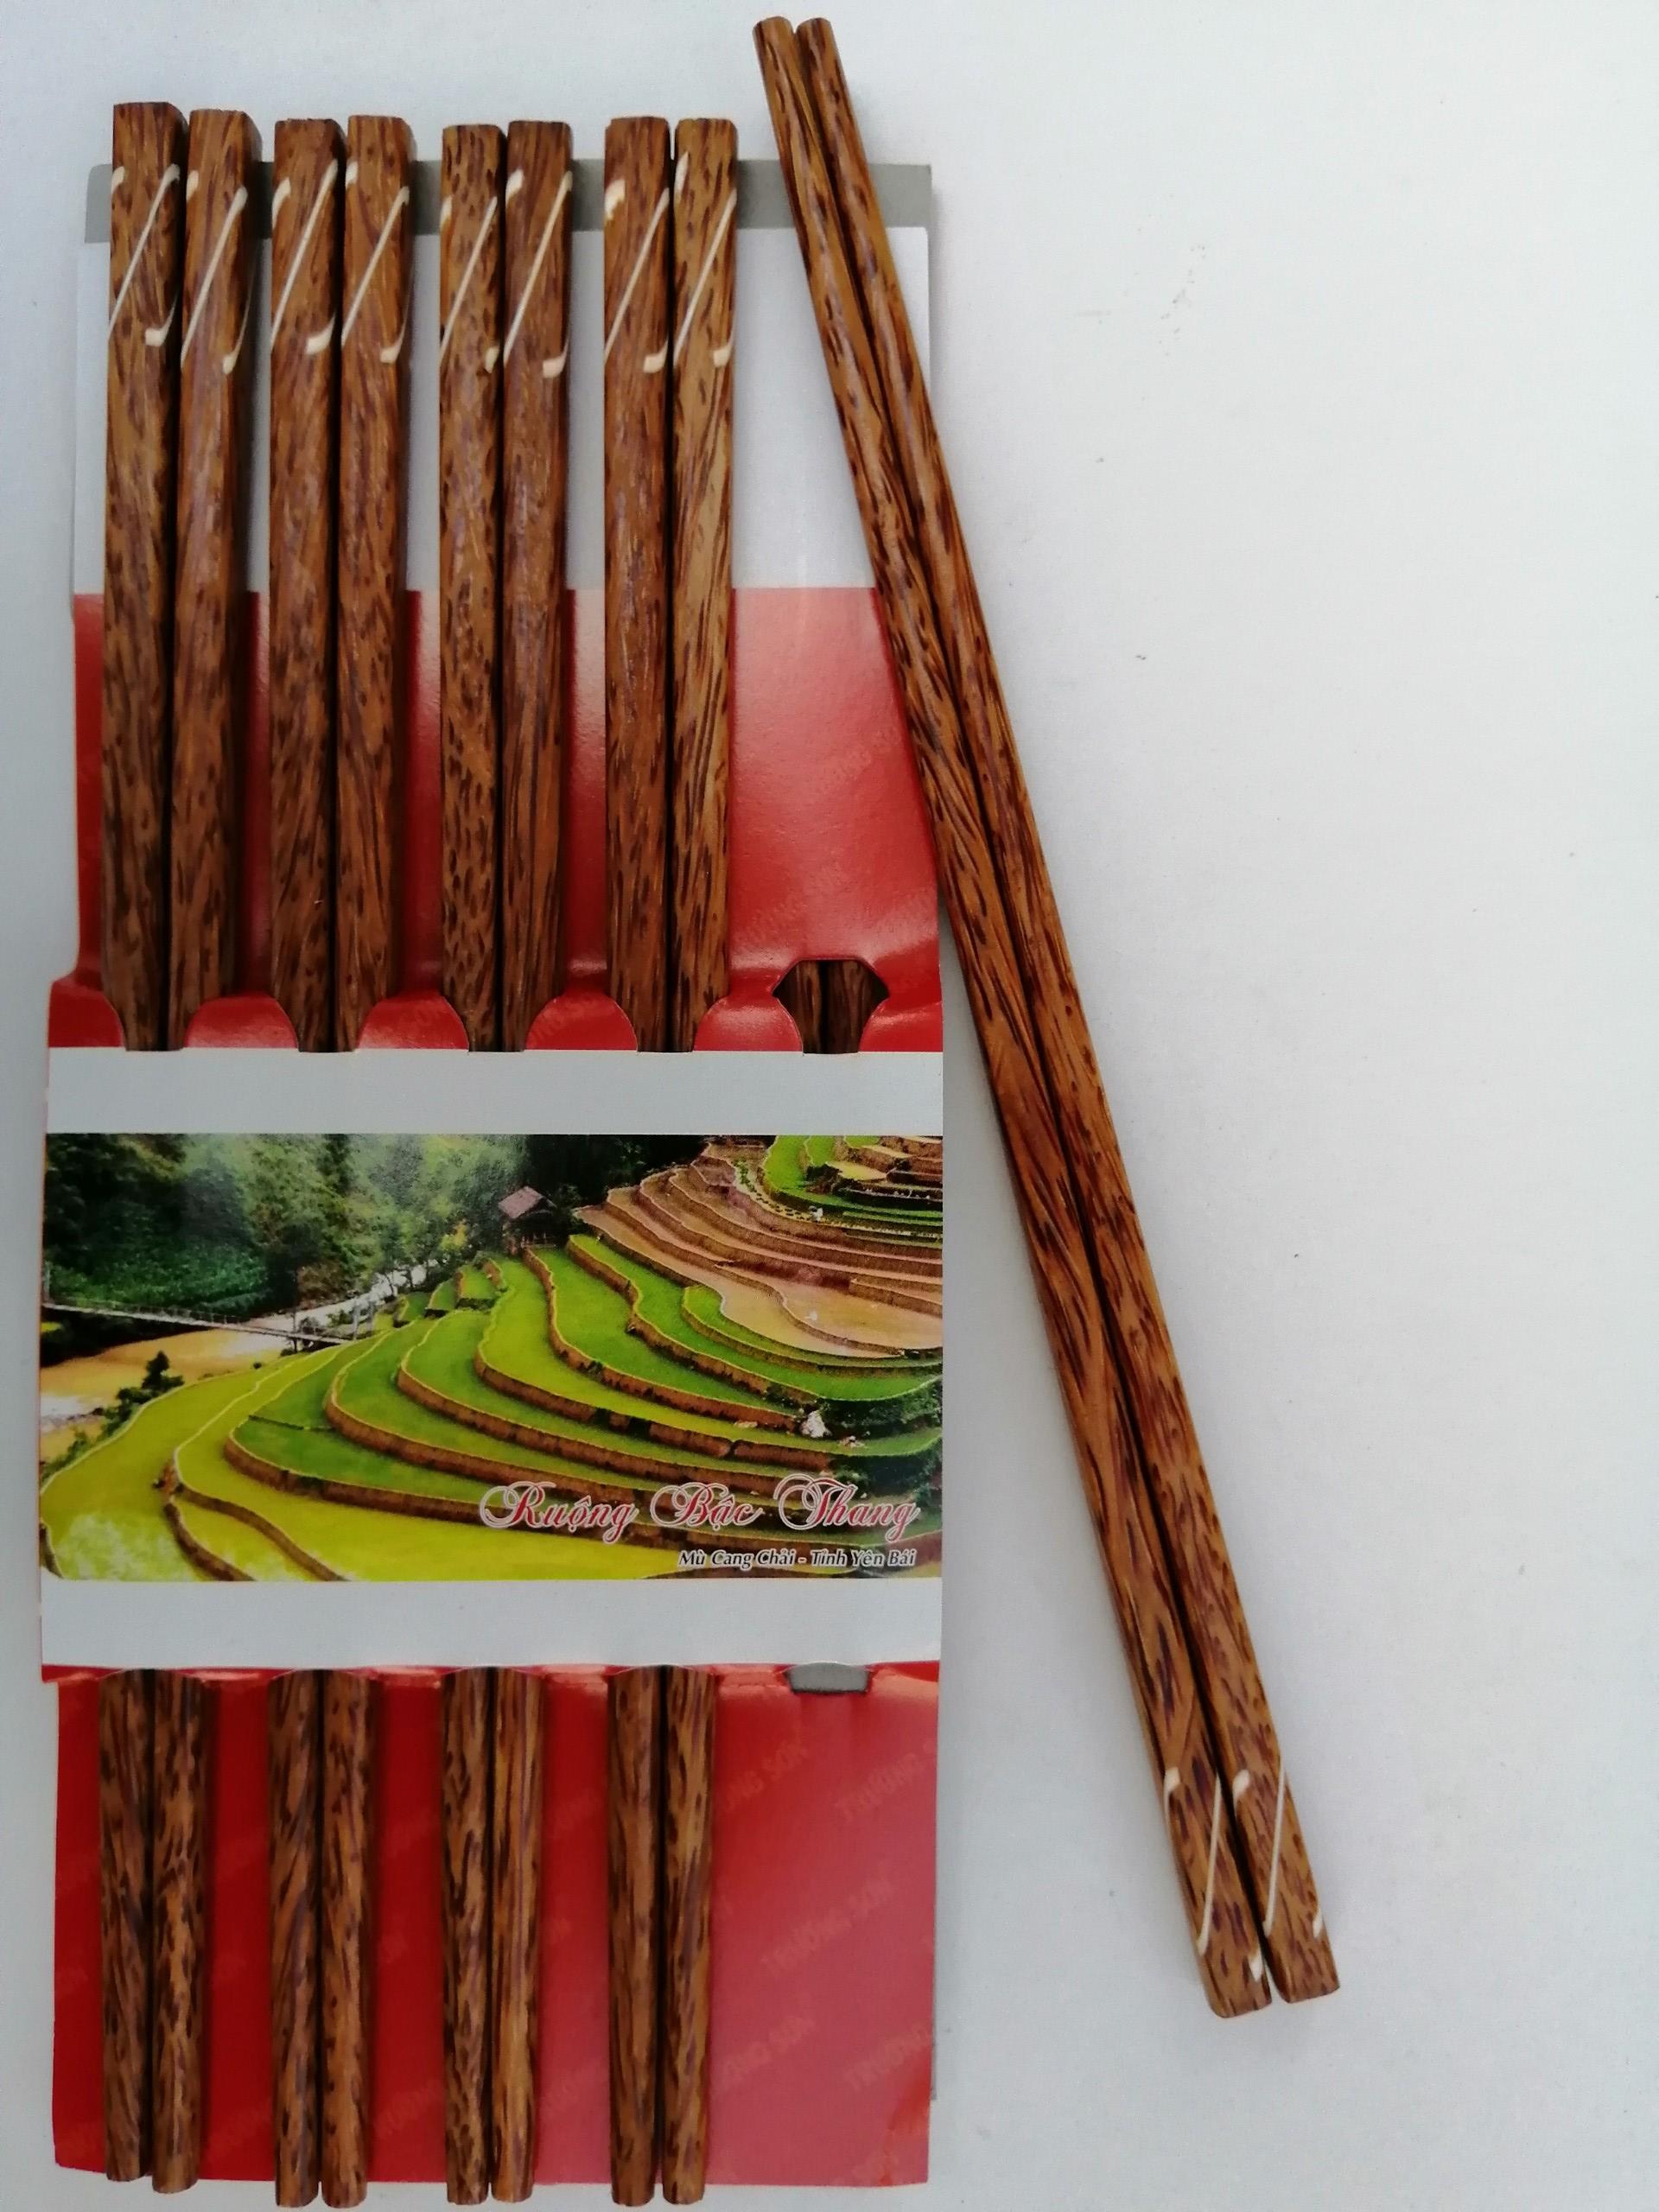 Đũa Gỗ Dừa Ghép - Đồ Gỗ Nhà Bếp Thương Hiệu Trường Sơn (10 Đôi / Vỉ)